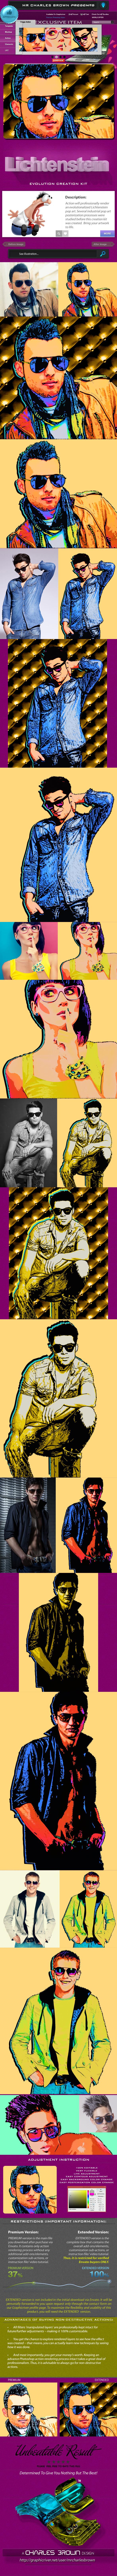 GraphicRiver Lichtenstein Evolution Creation Kit 11592168